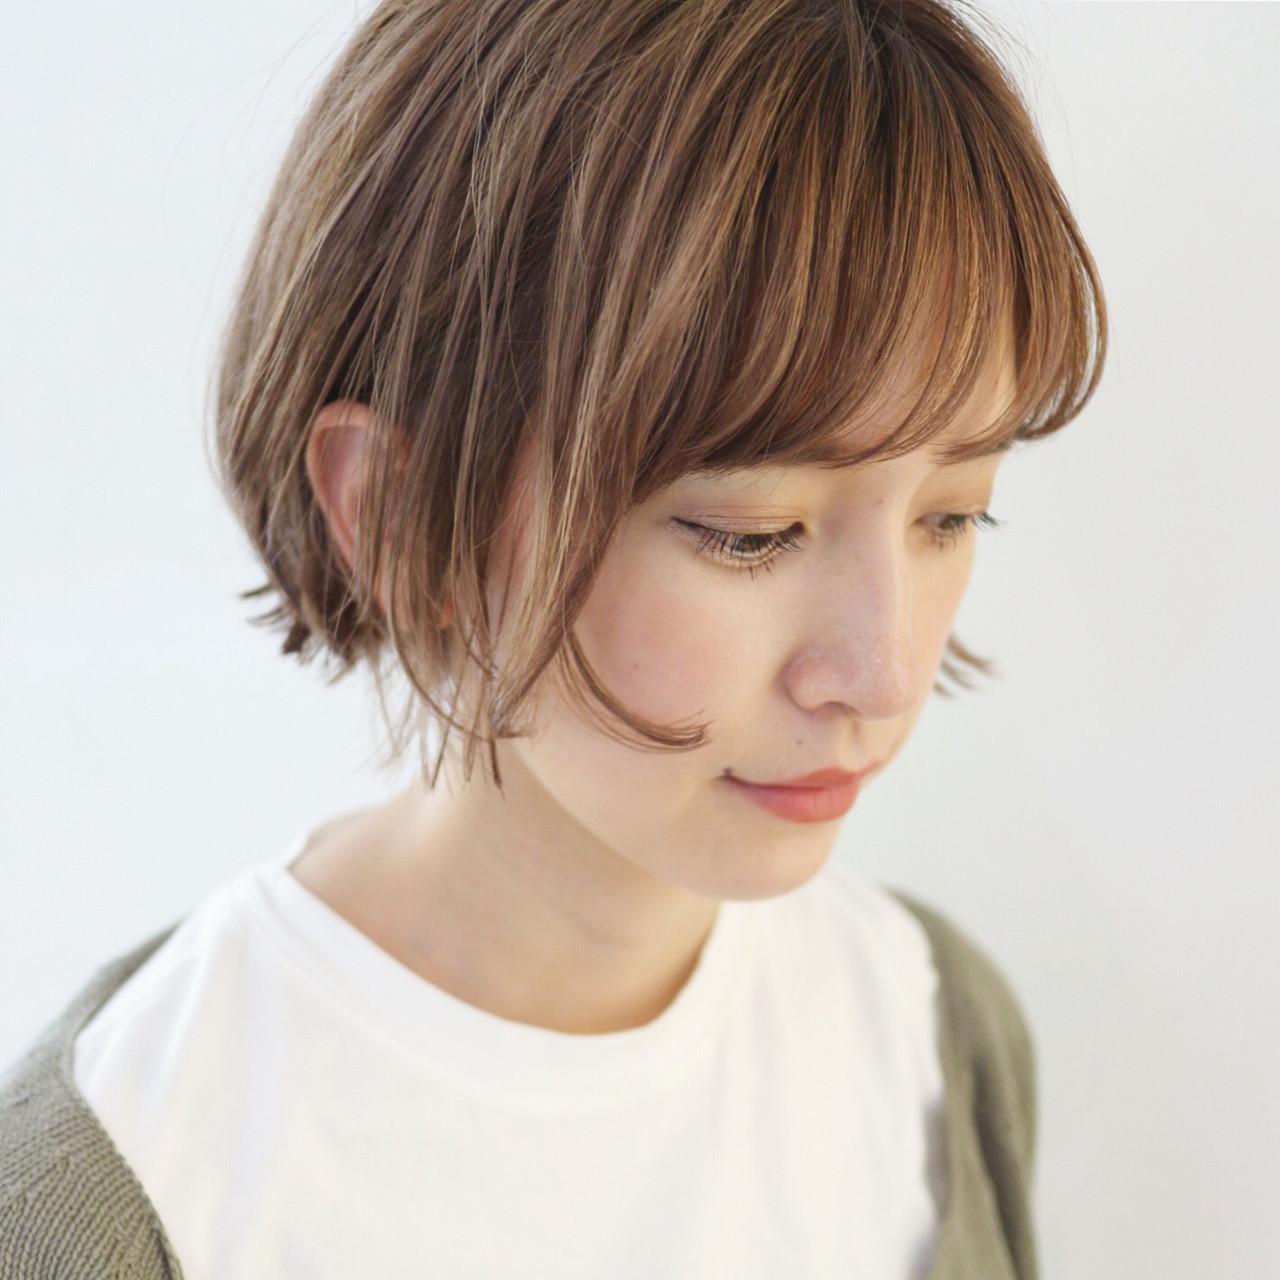 垢抜けない!とお悩みの大人女子におすすめのヘアスタイル6選!